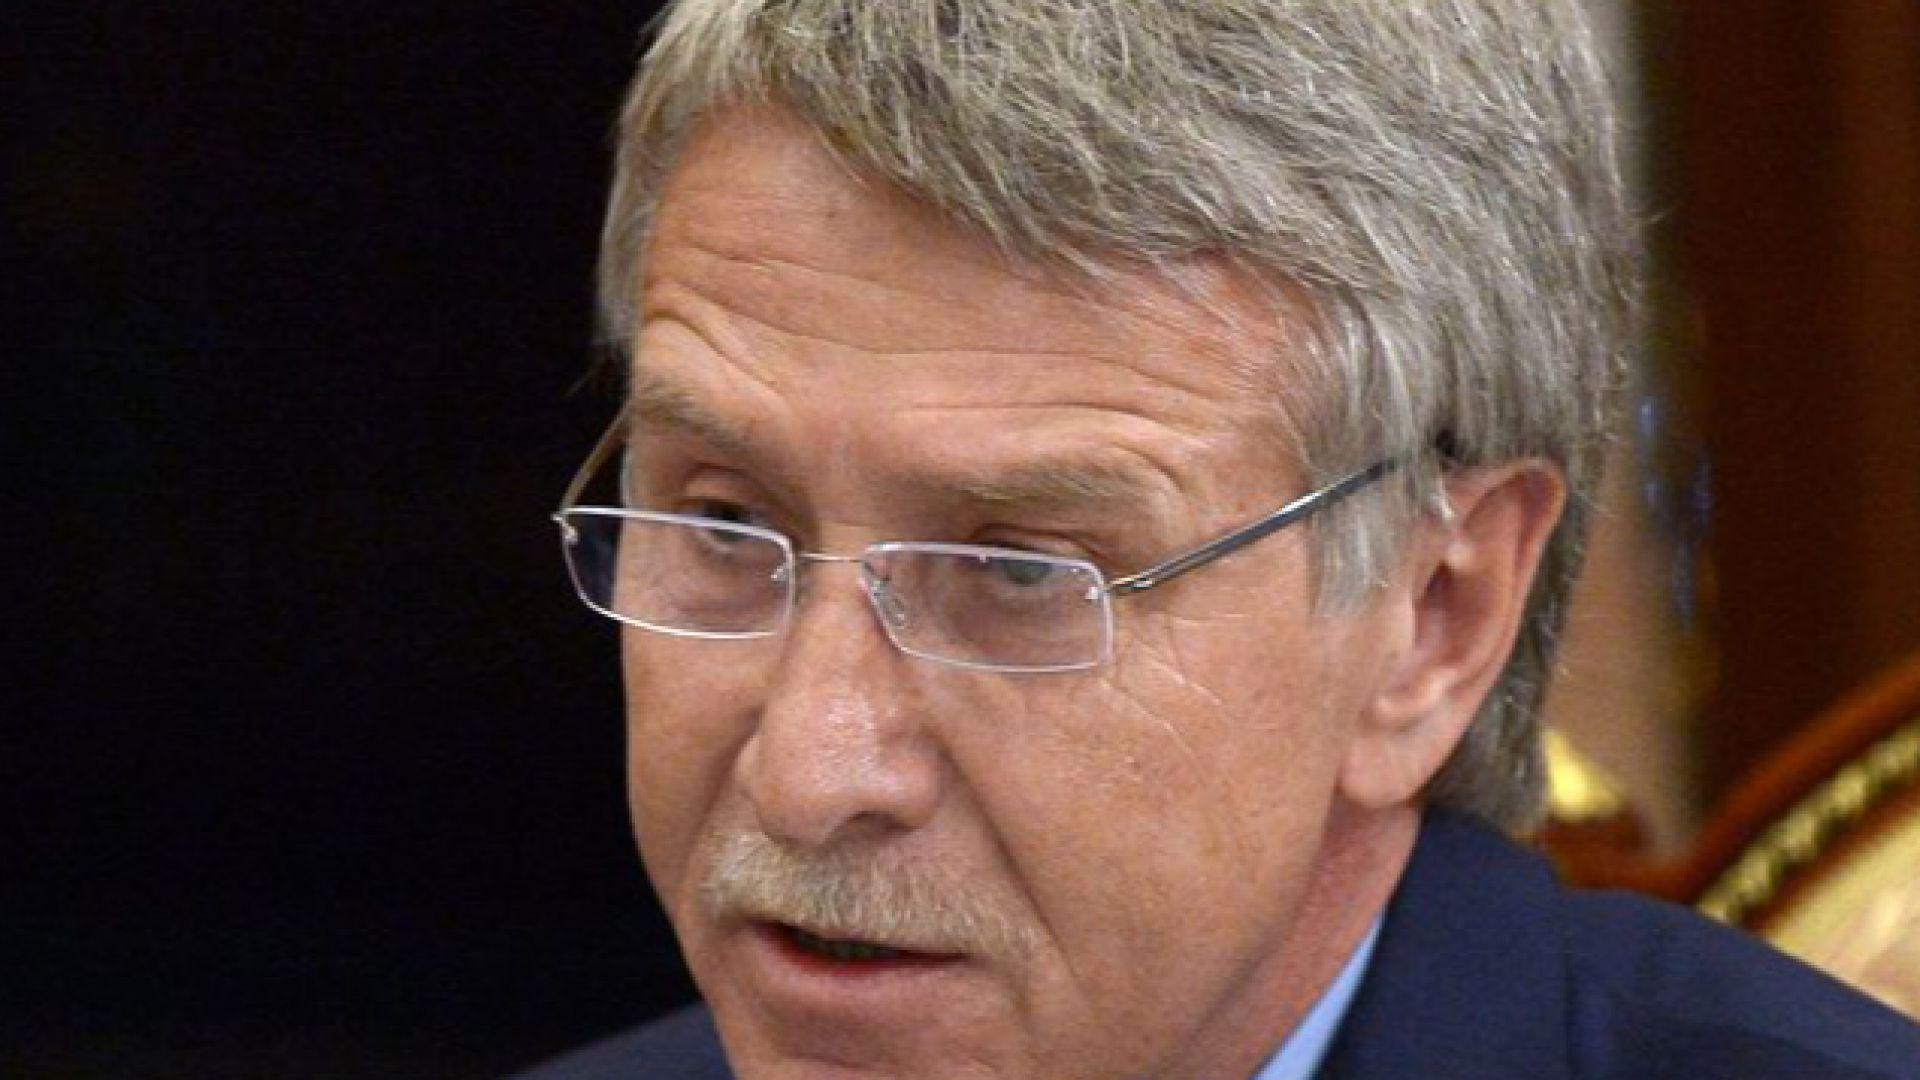 Шефът на Новатек Леонид Михелсон е най-богатия човек в Русия